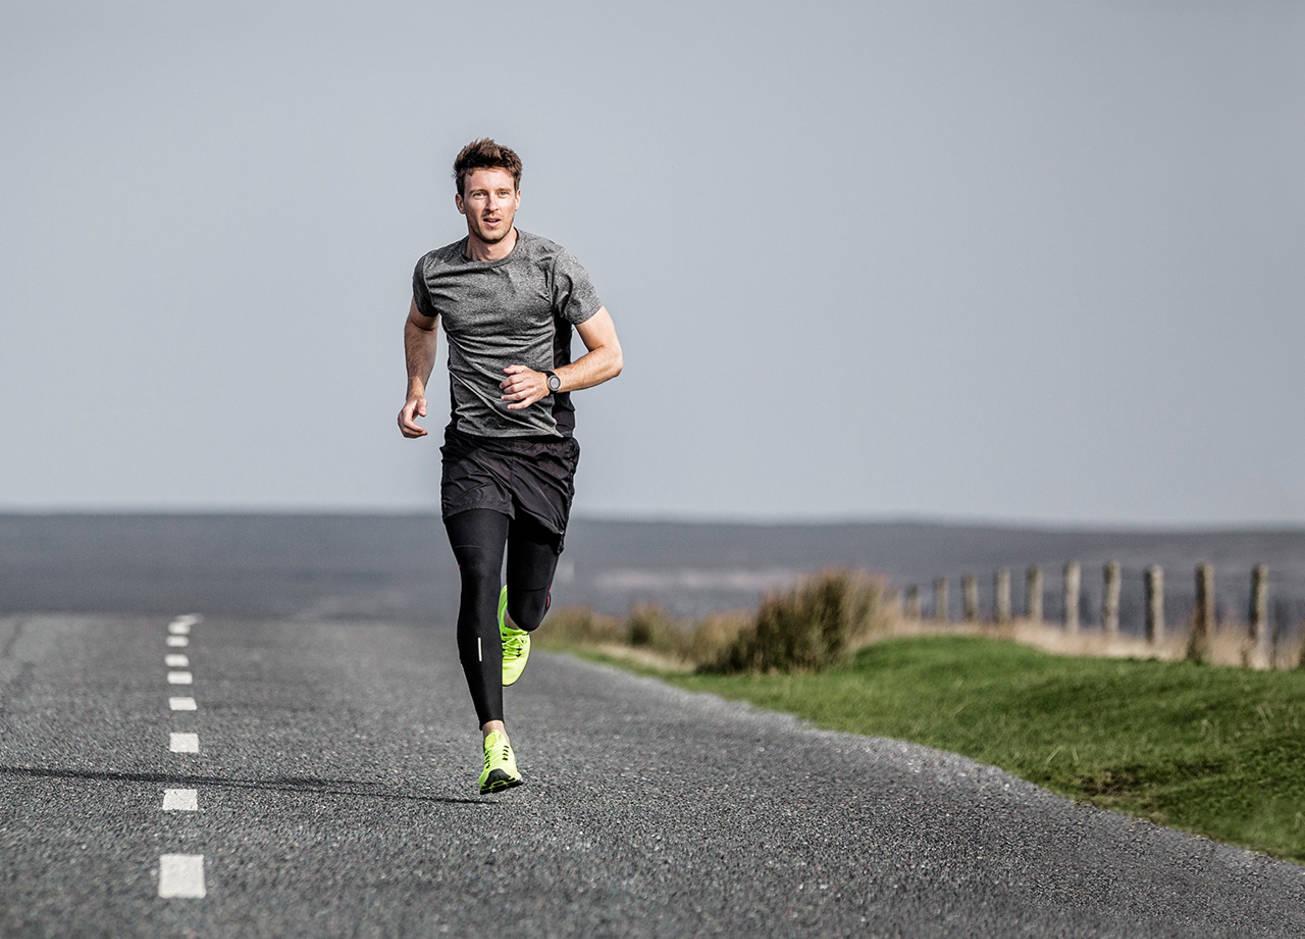 «Так не похудеешь» и ещё 4 странных мифа о беге на большие расстояния